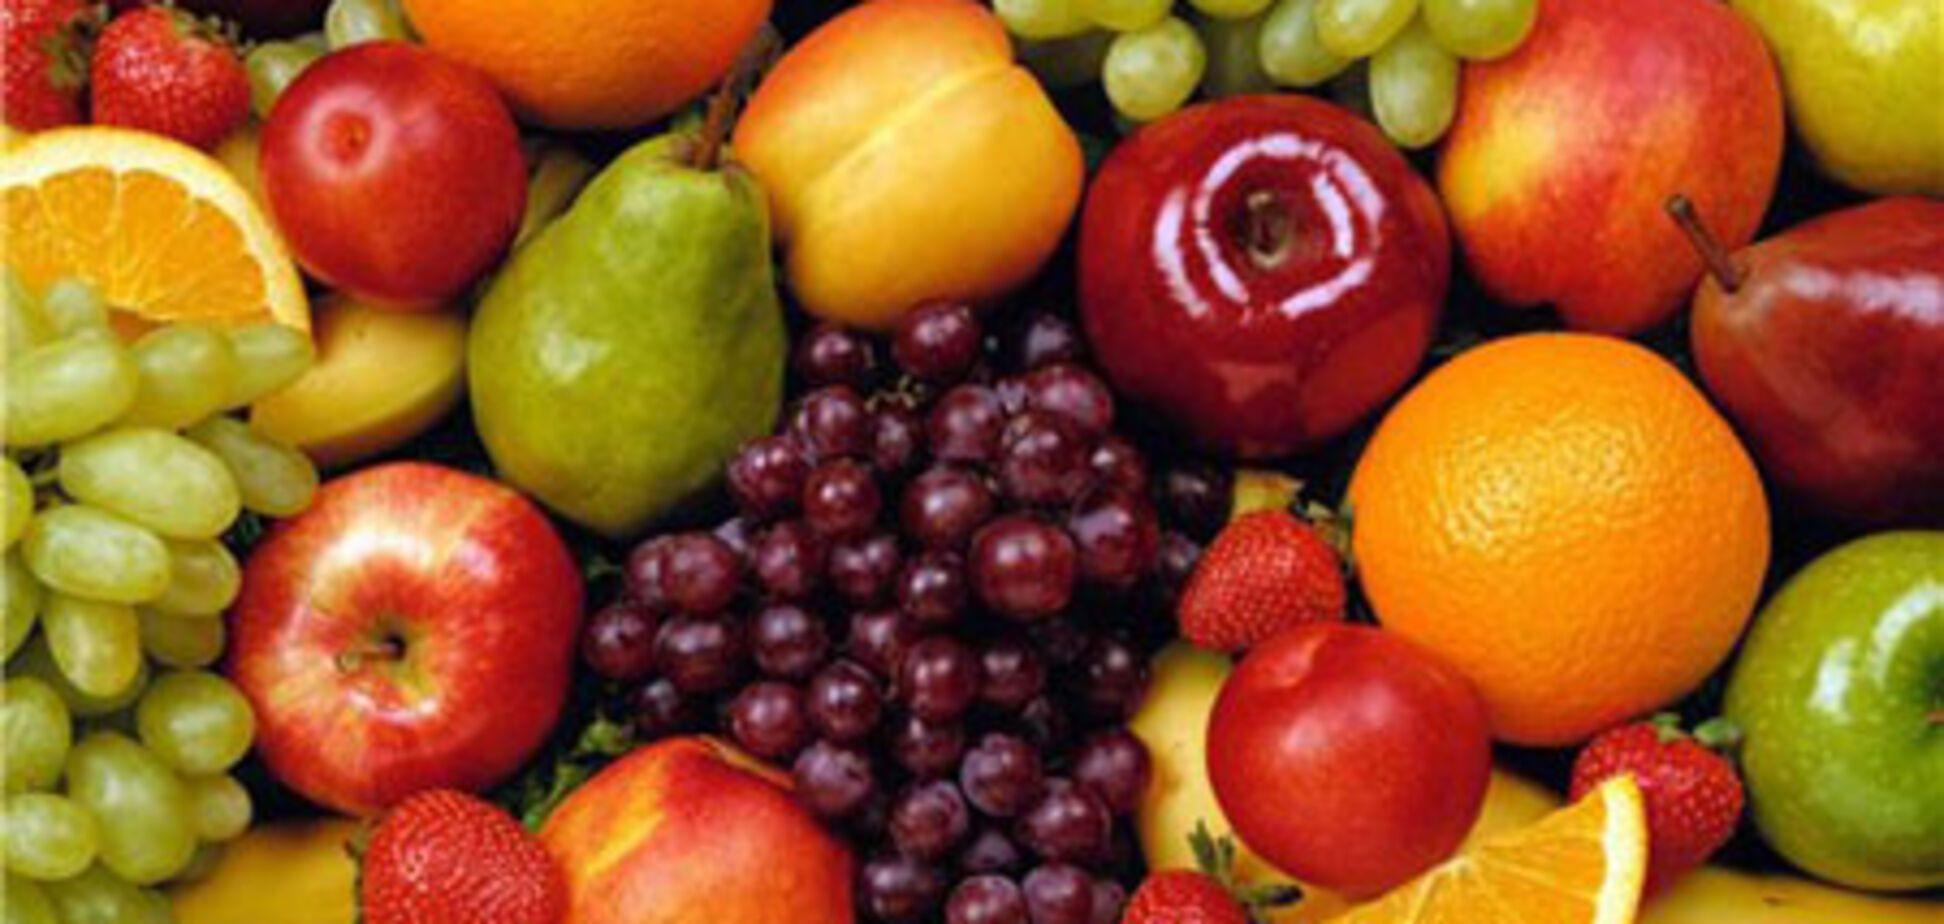 ТОП-10 летних витаминов